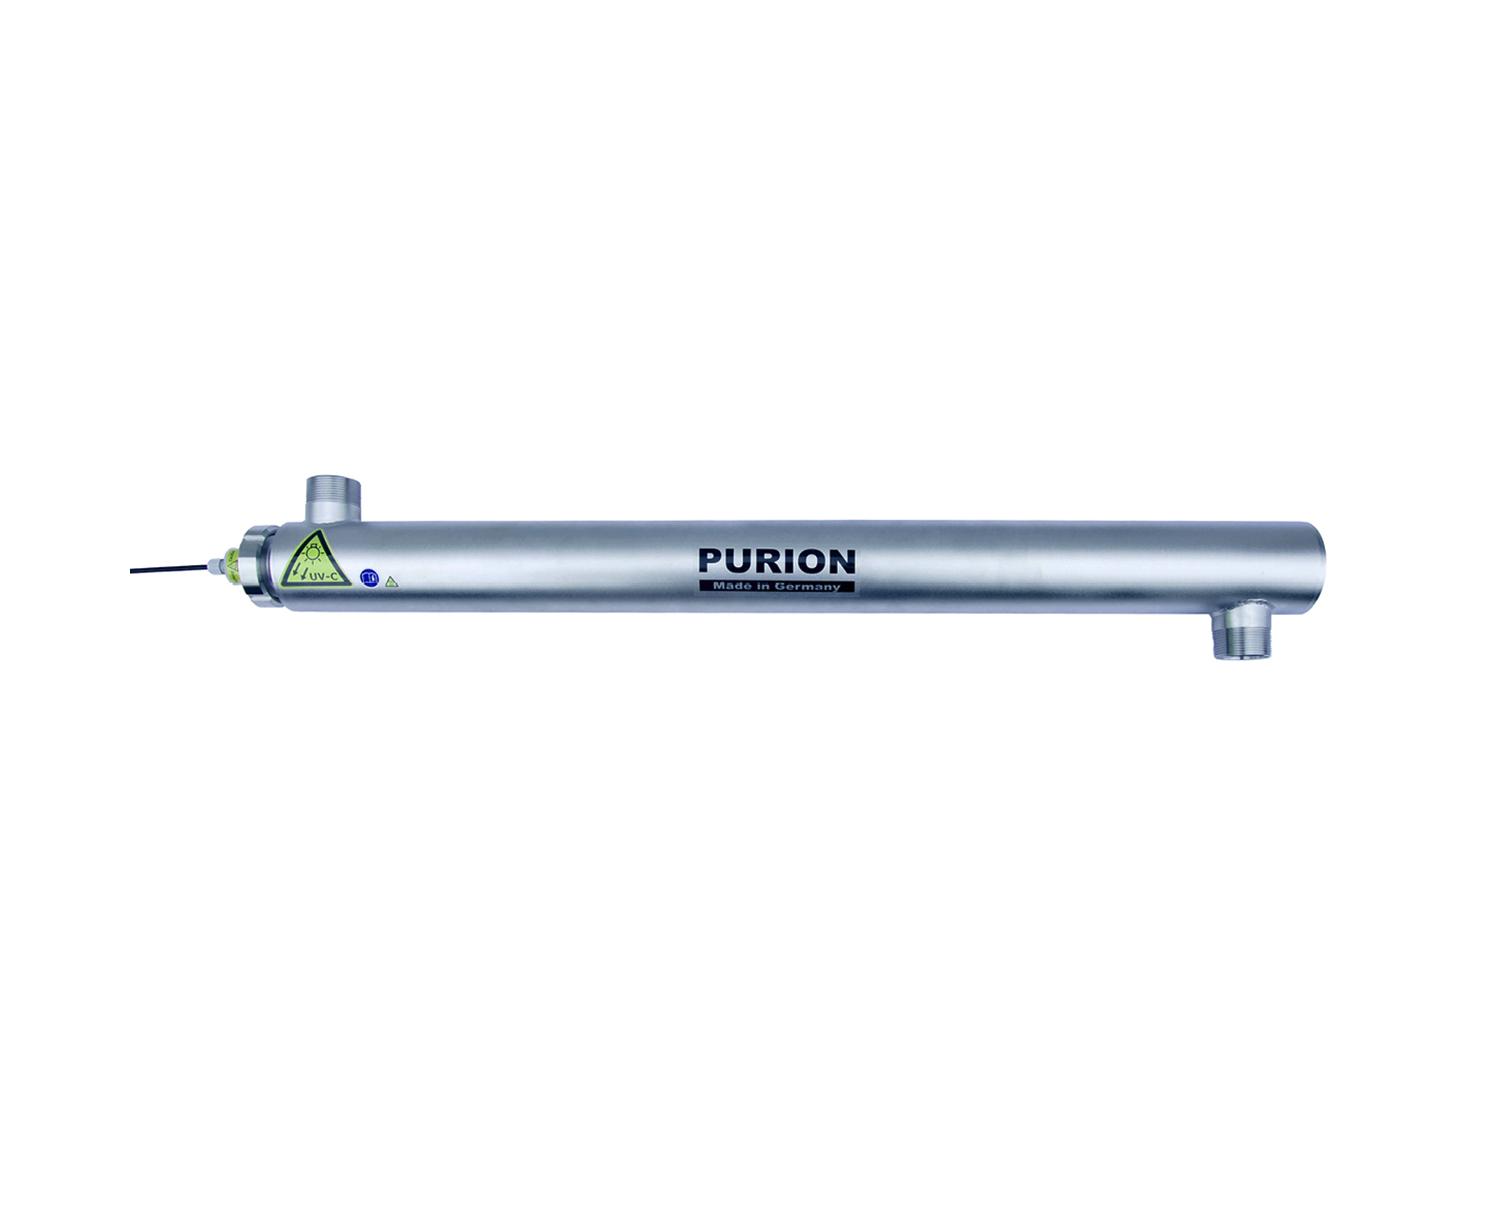 Purion UV-Gerät für große Durchflussleistung